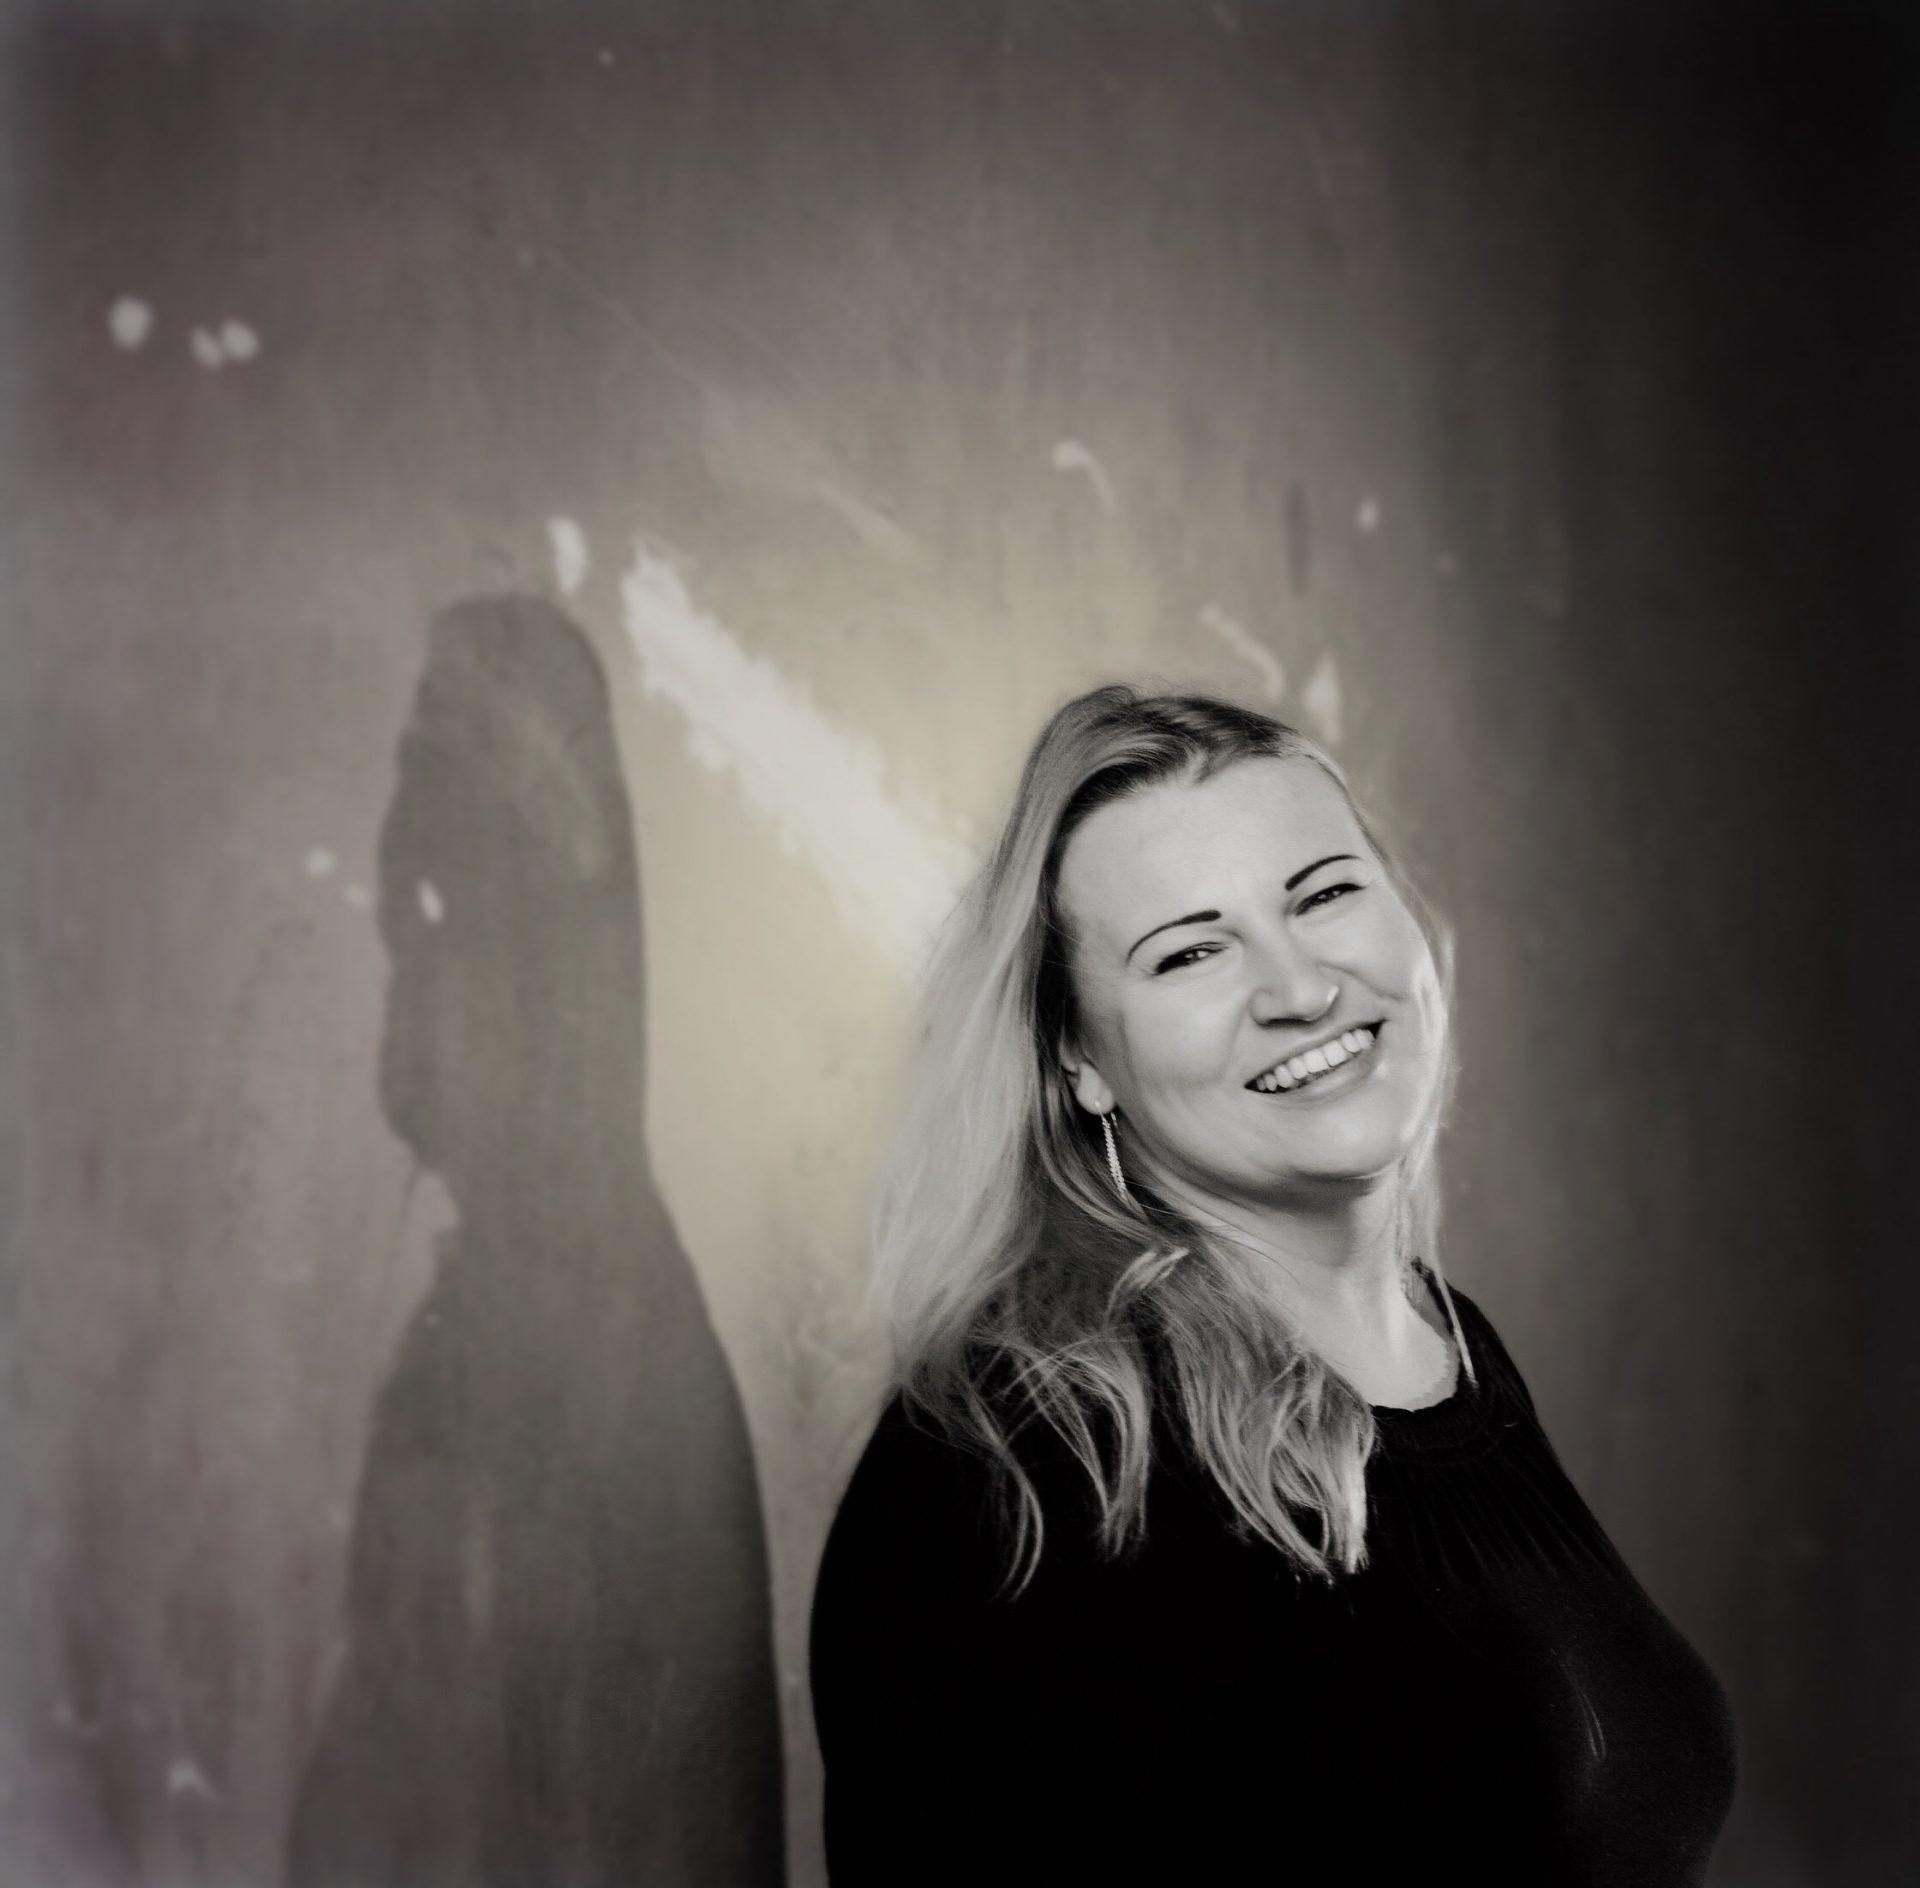 Mustavalkoinen kuva Gunta Ahlforsista, hymyilee.